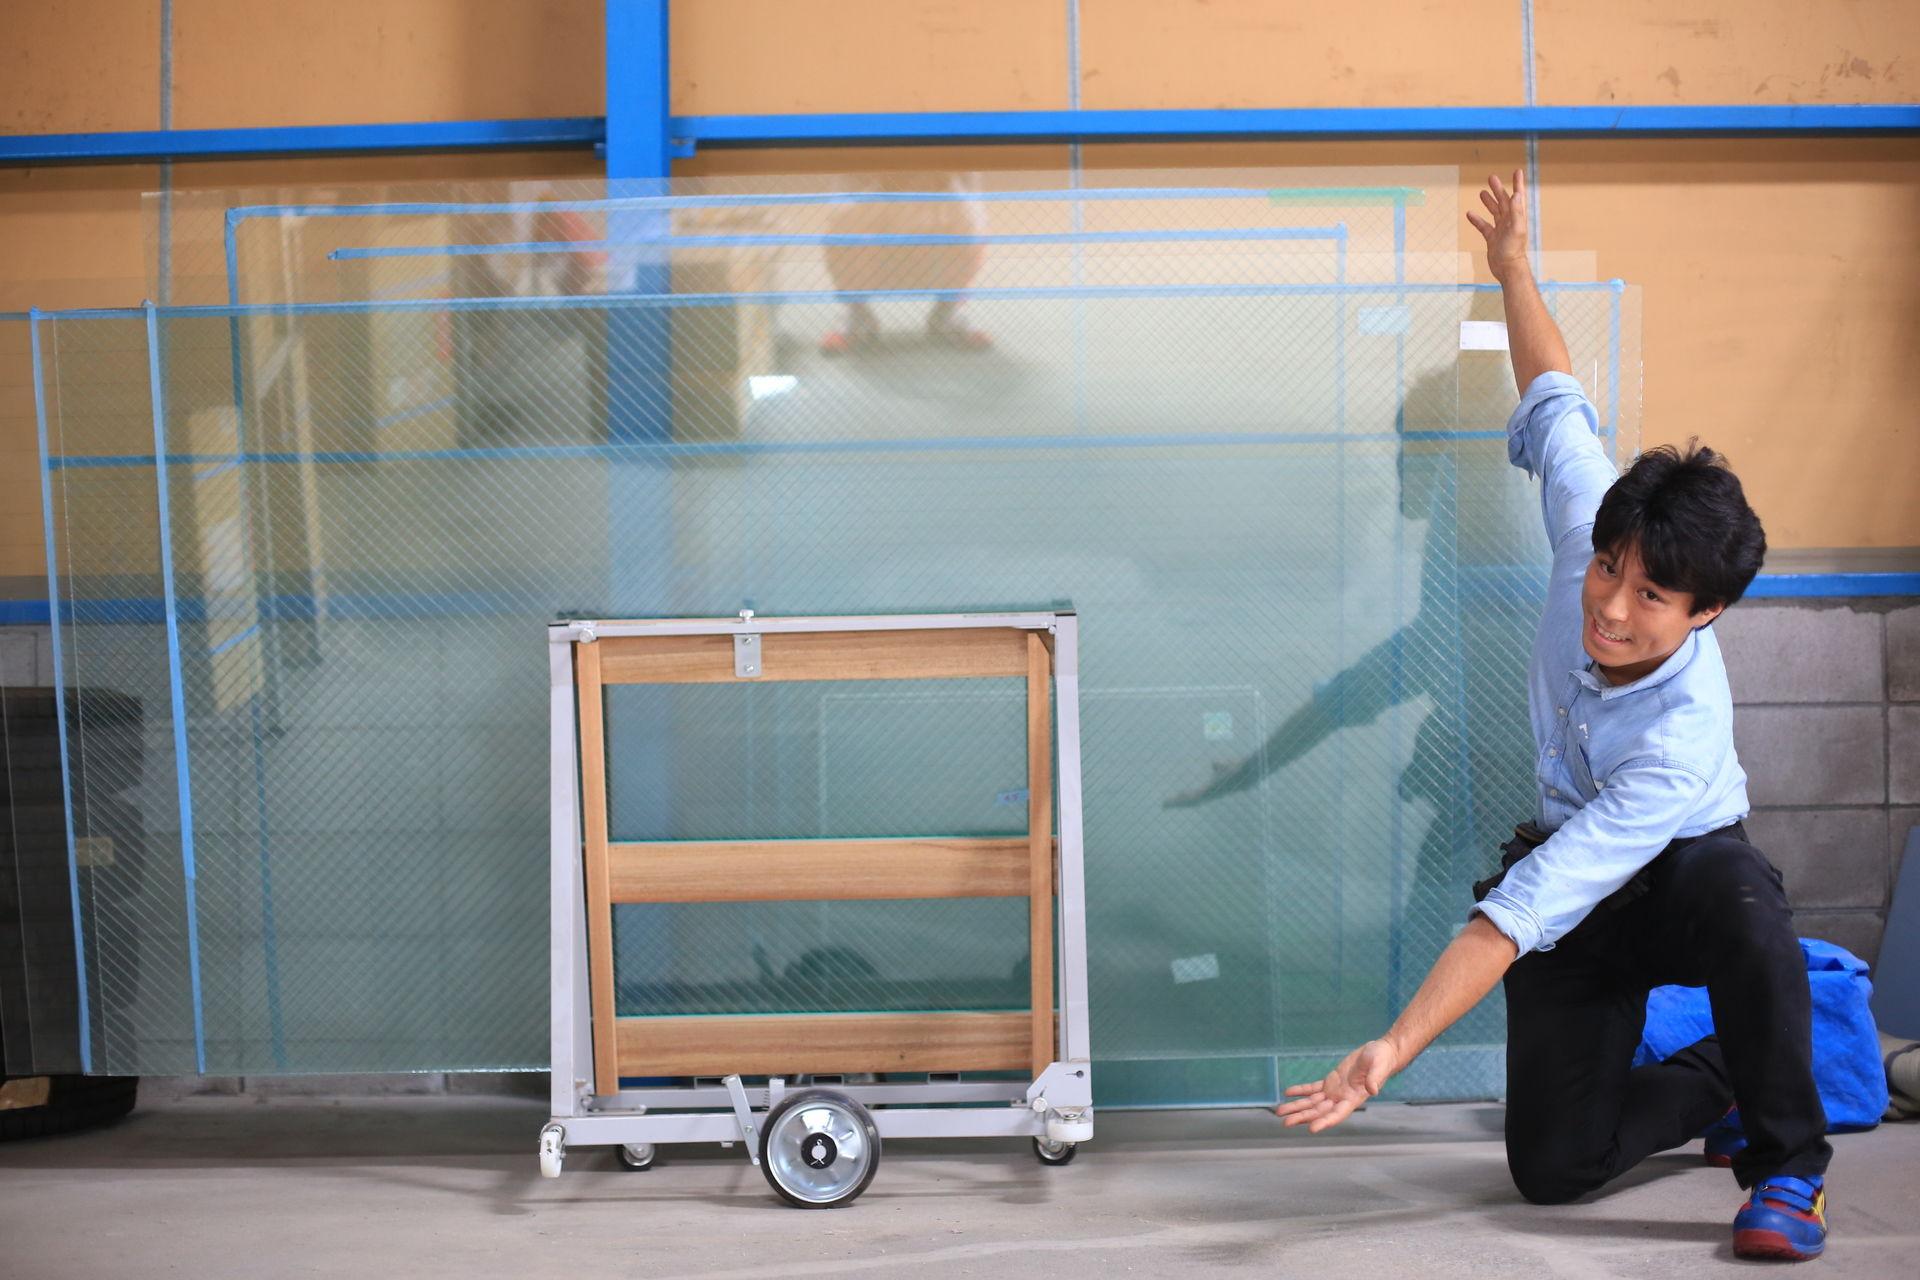 ガラスのトラブル救Q隊.24【堺市北区 出張エリア】の店内・外観画像1